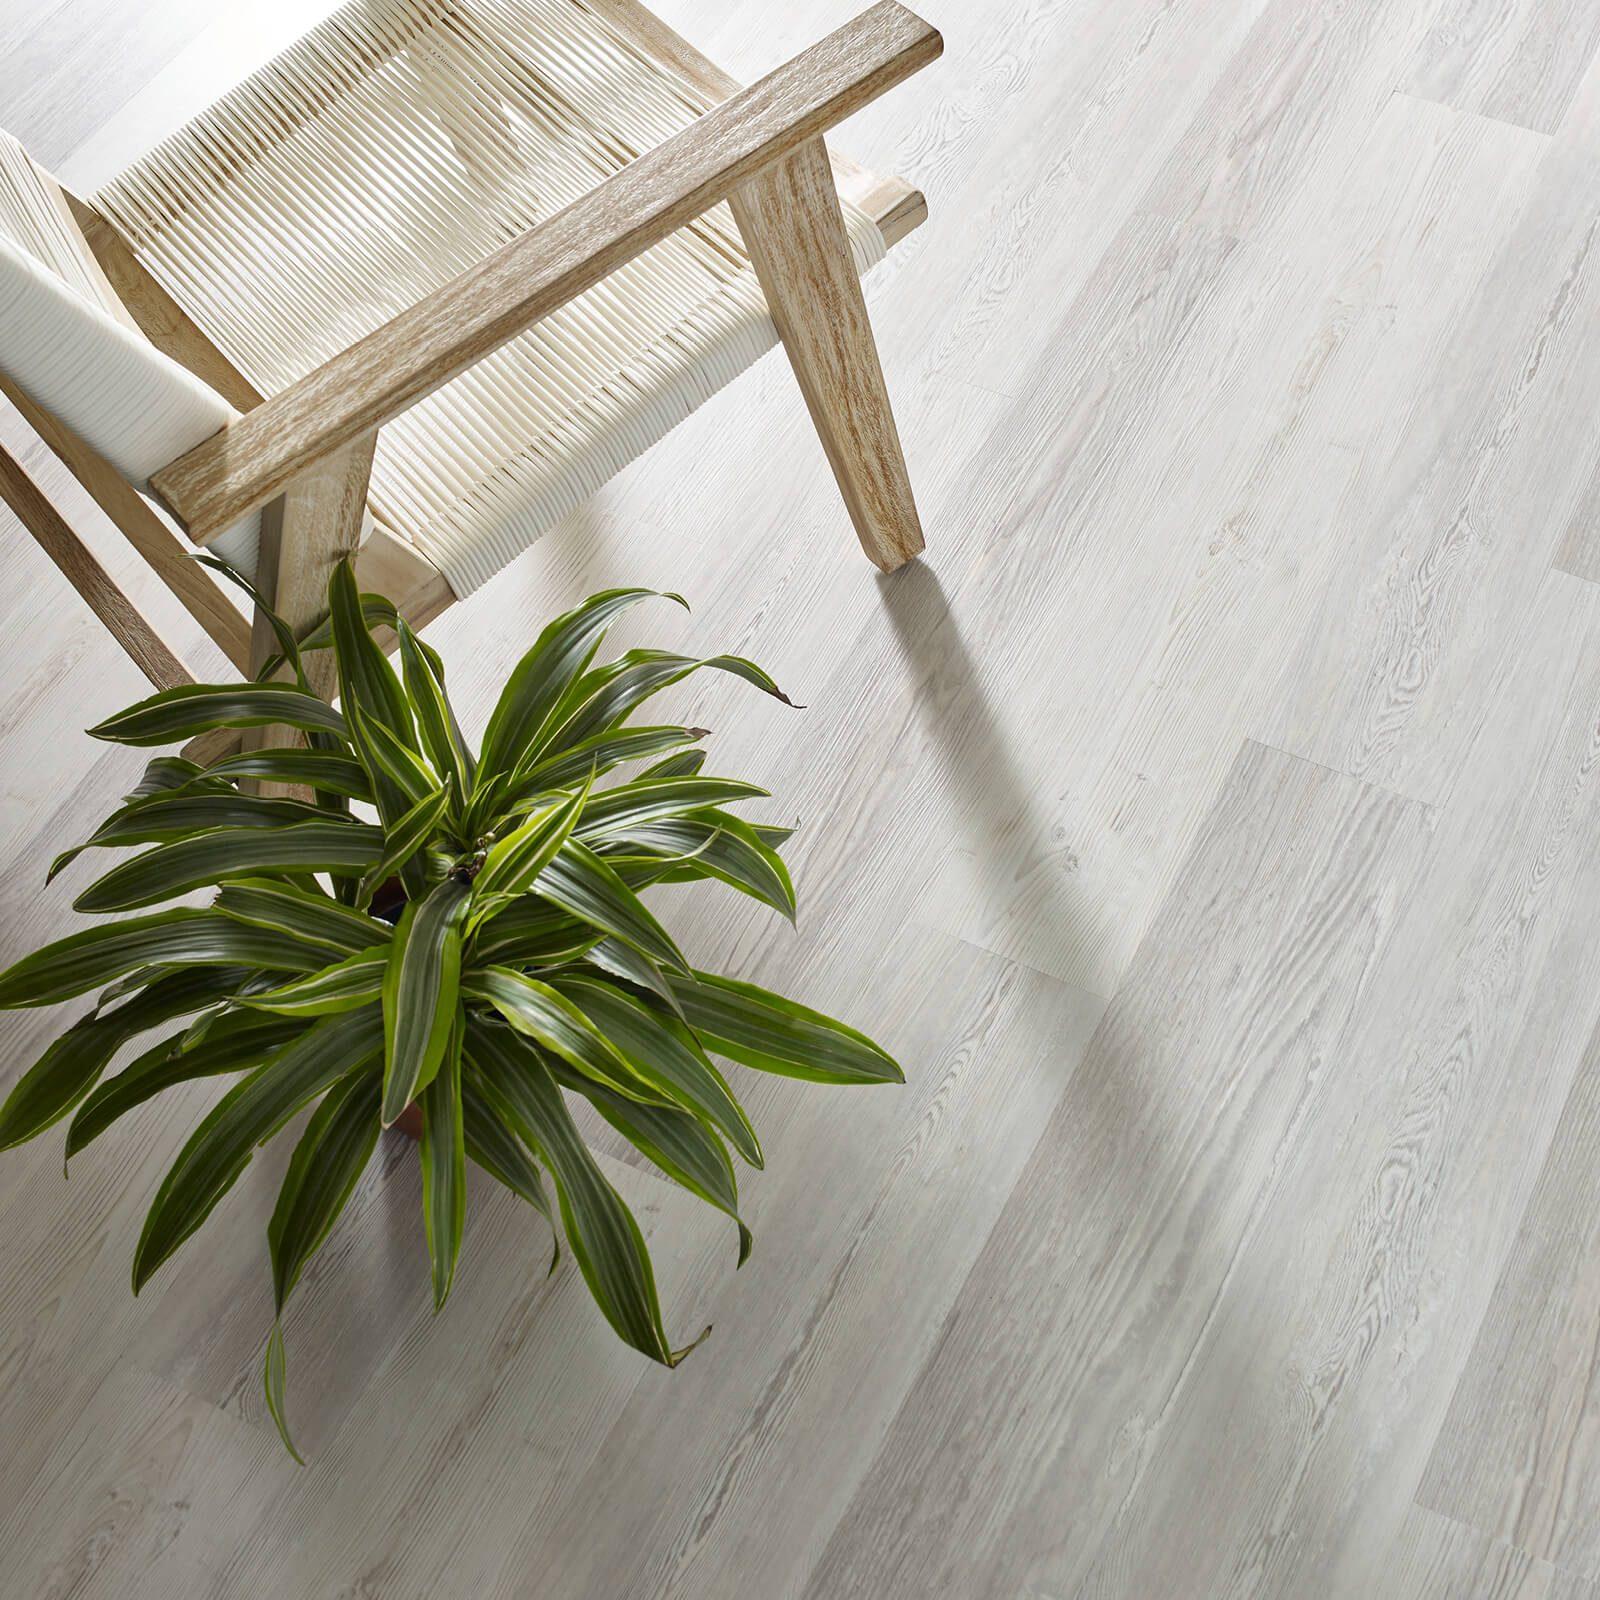 Shaw vinyl flooring | Westport Flooring